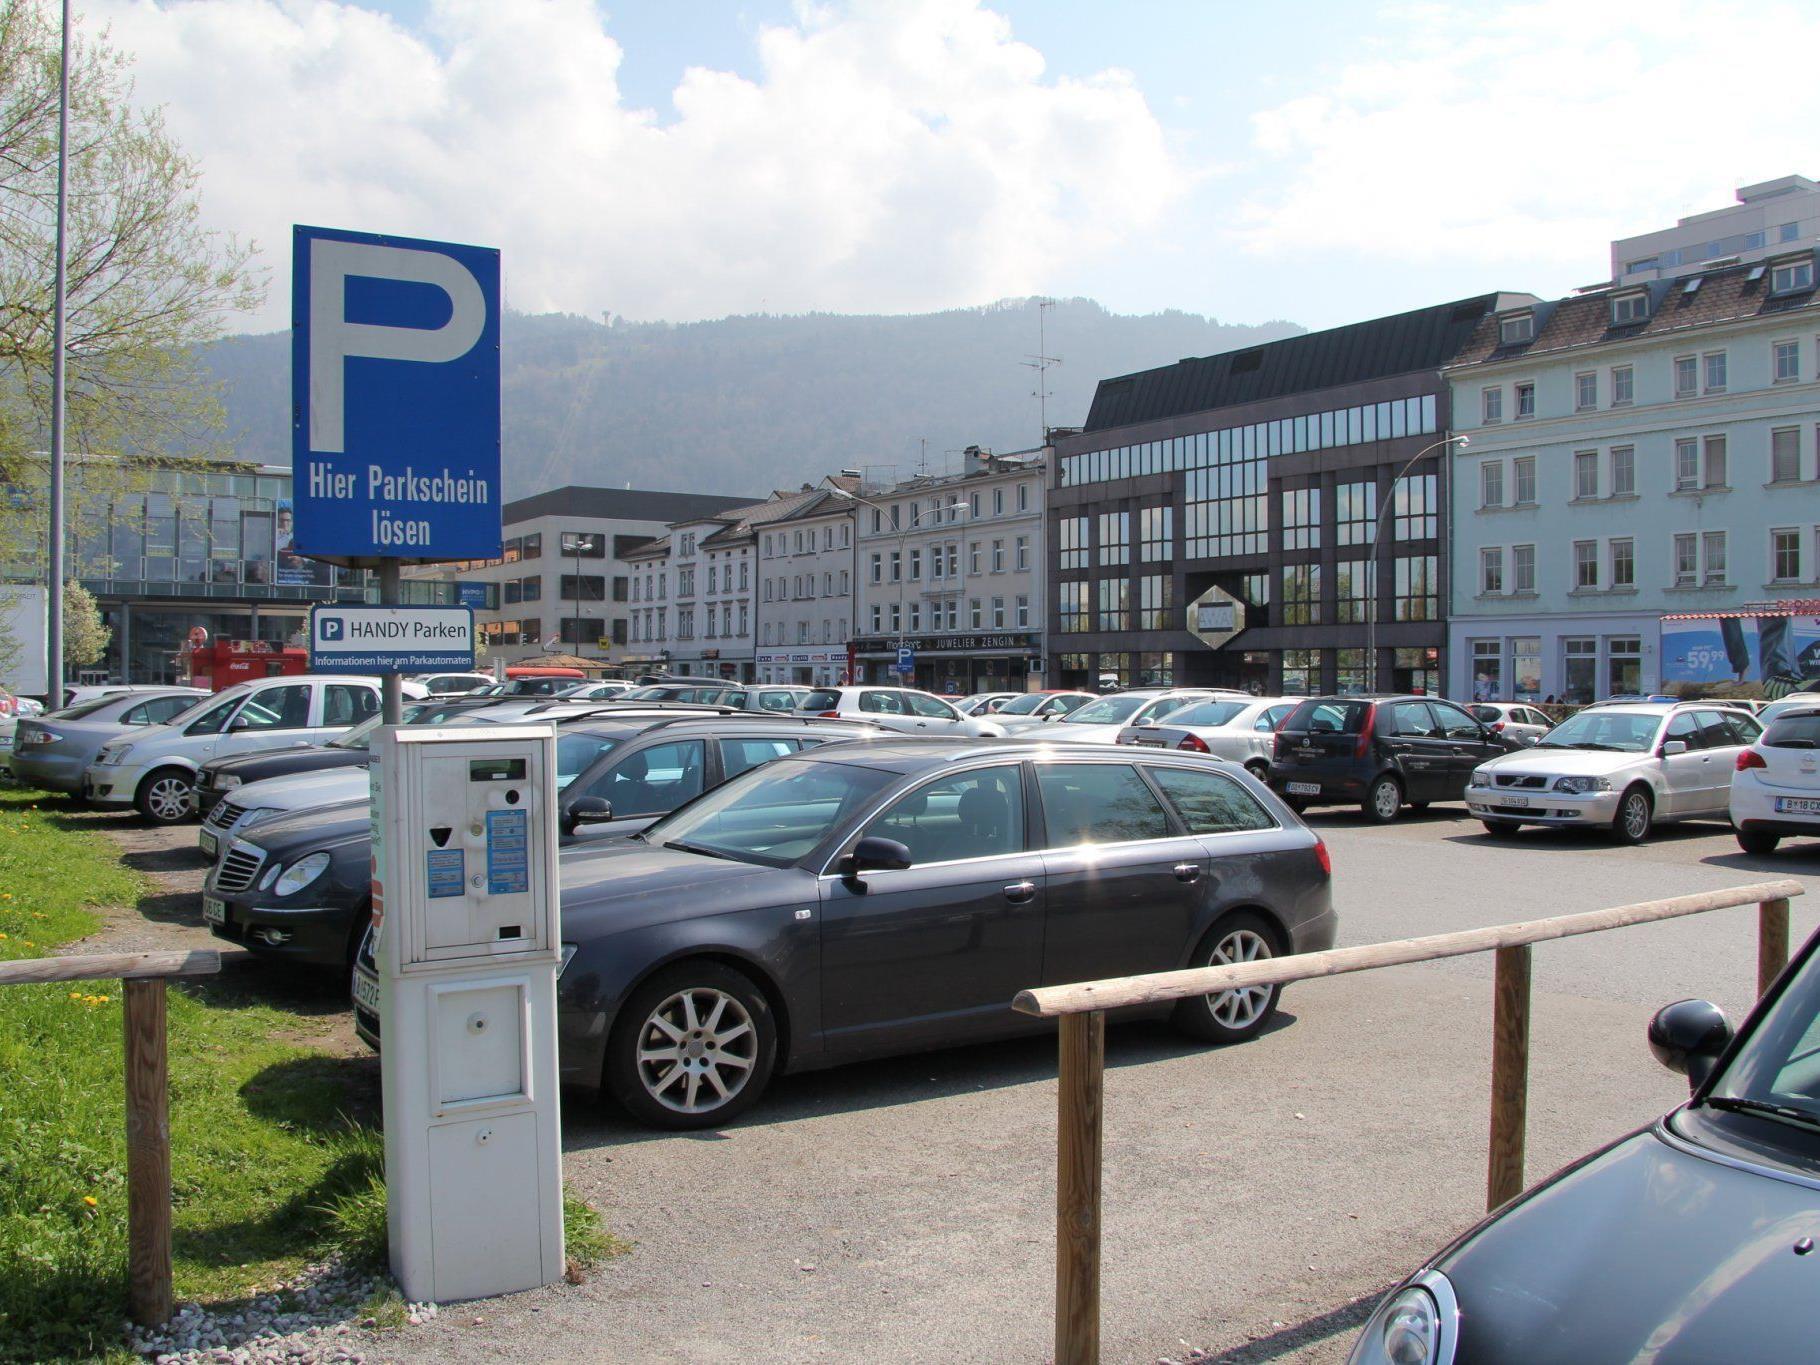 Seestadt Parkplatz in Bregenz